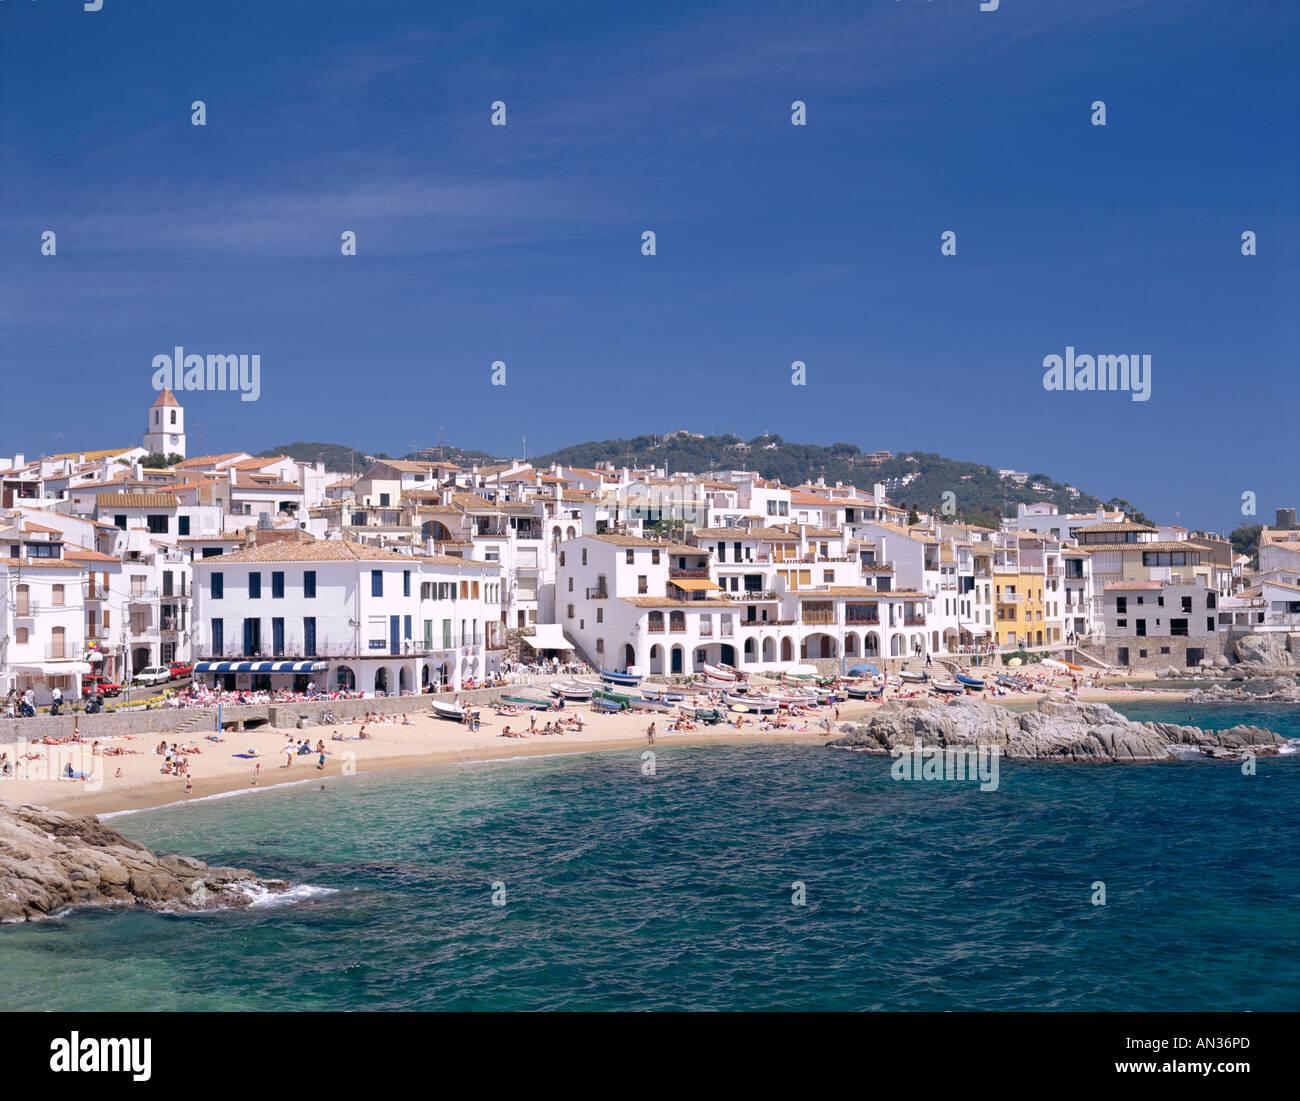 La Costa Brava, Calella de Palafrugell, Catalogna, Spagna Immagini Stock